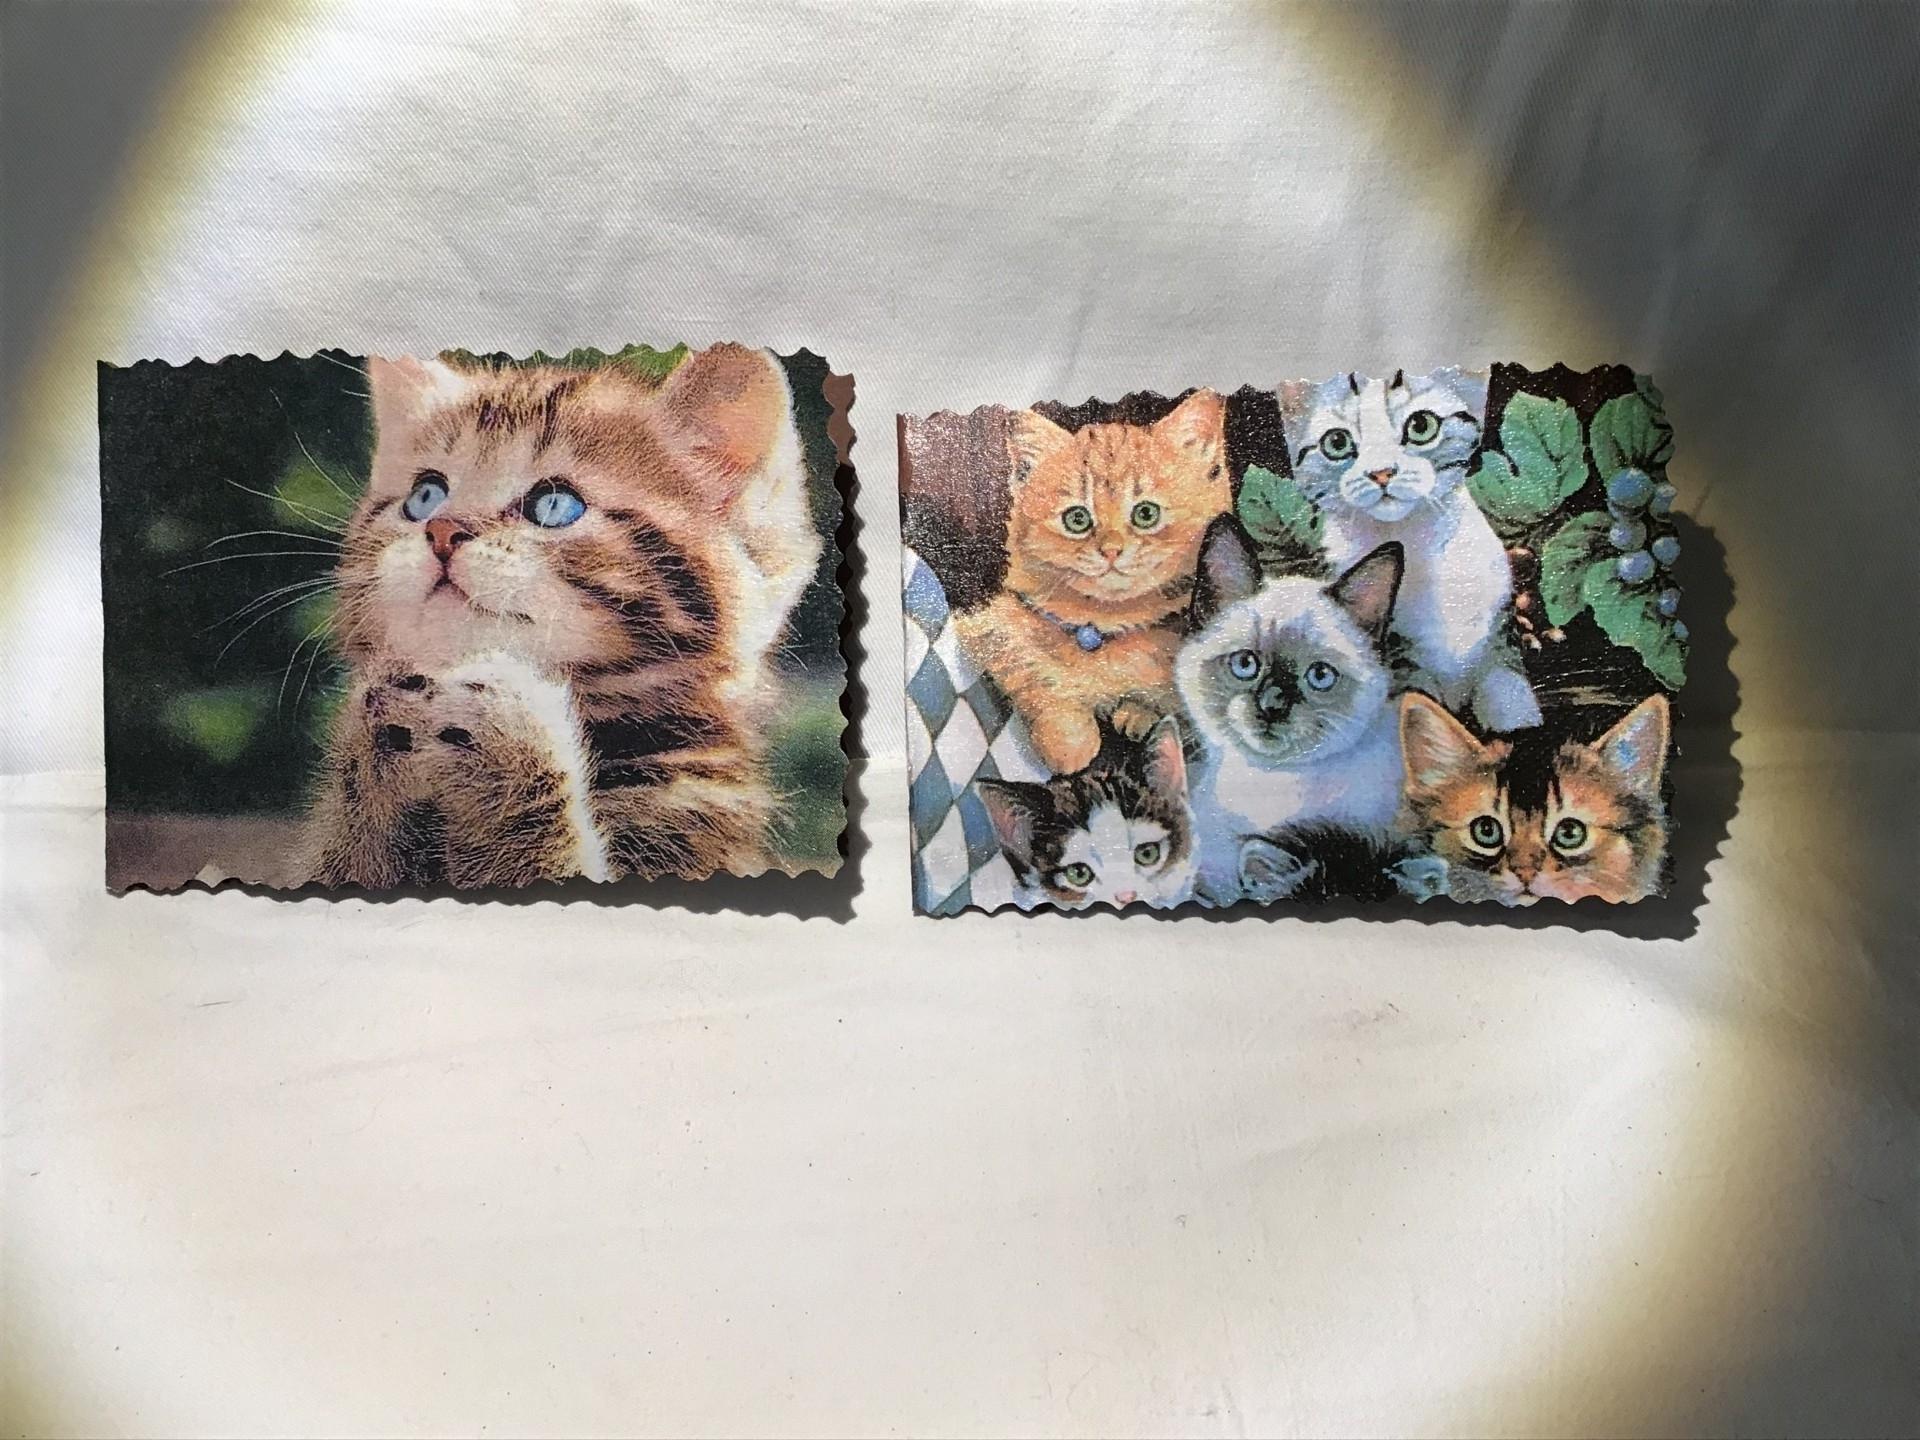 séries de petites cartes ! Spécial chats